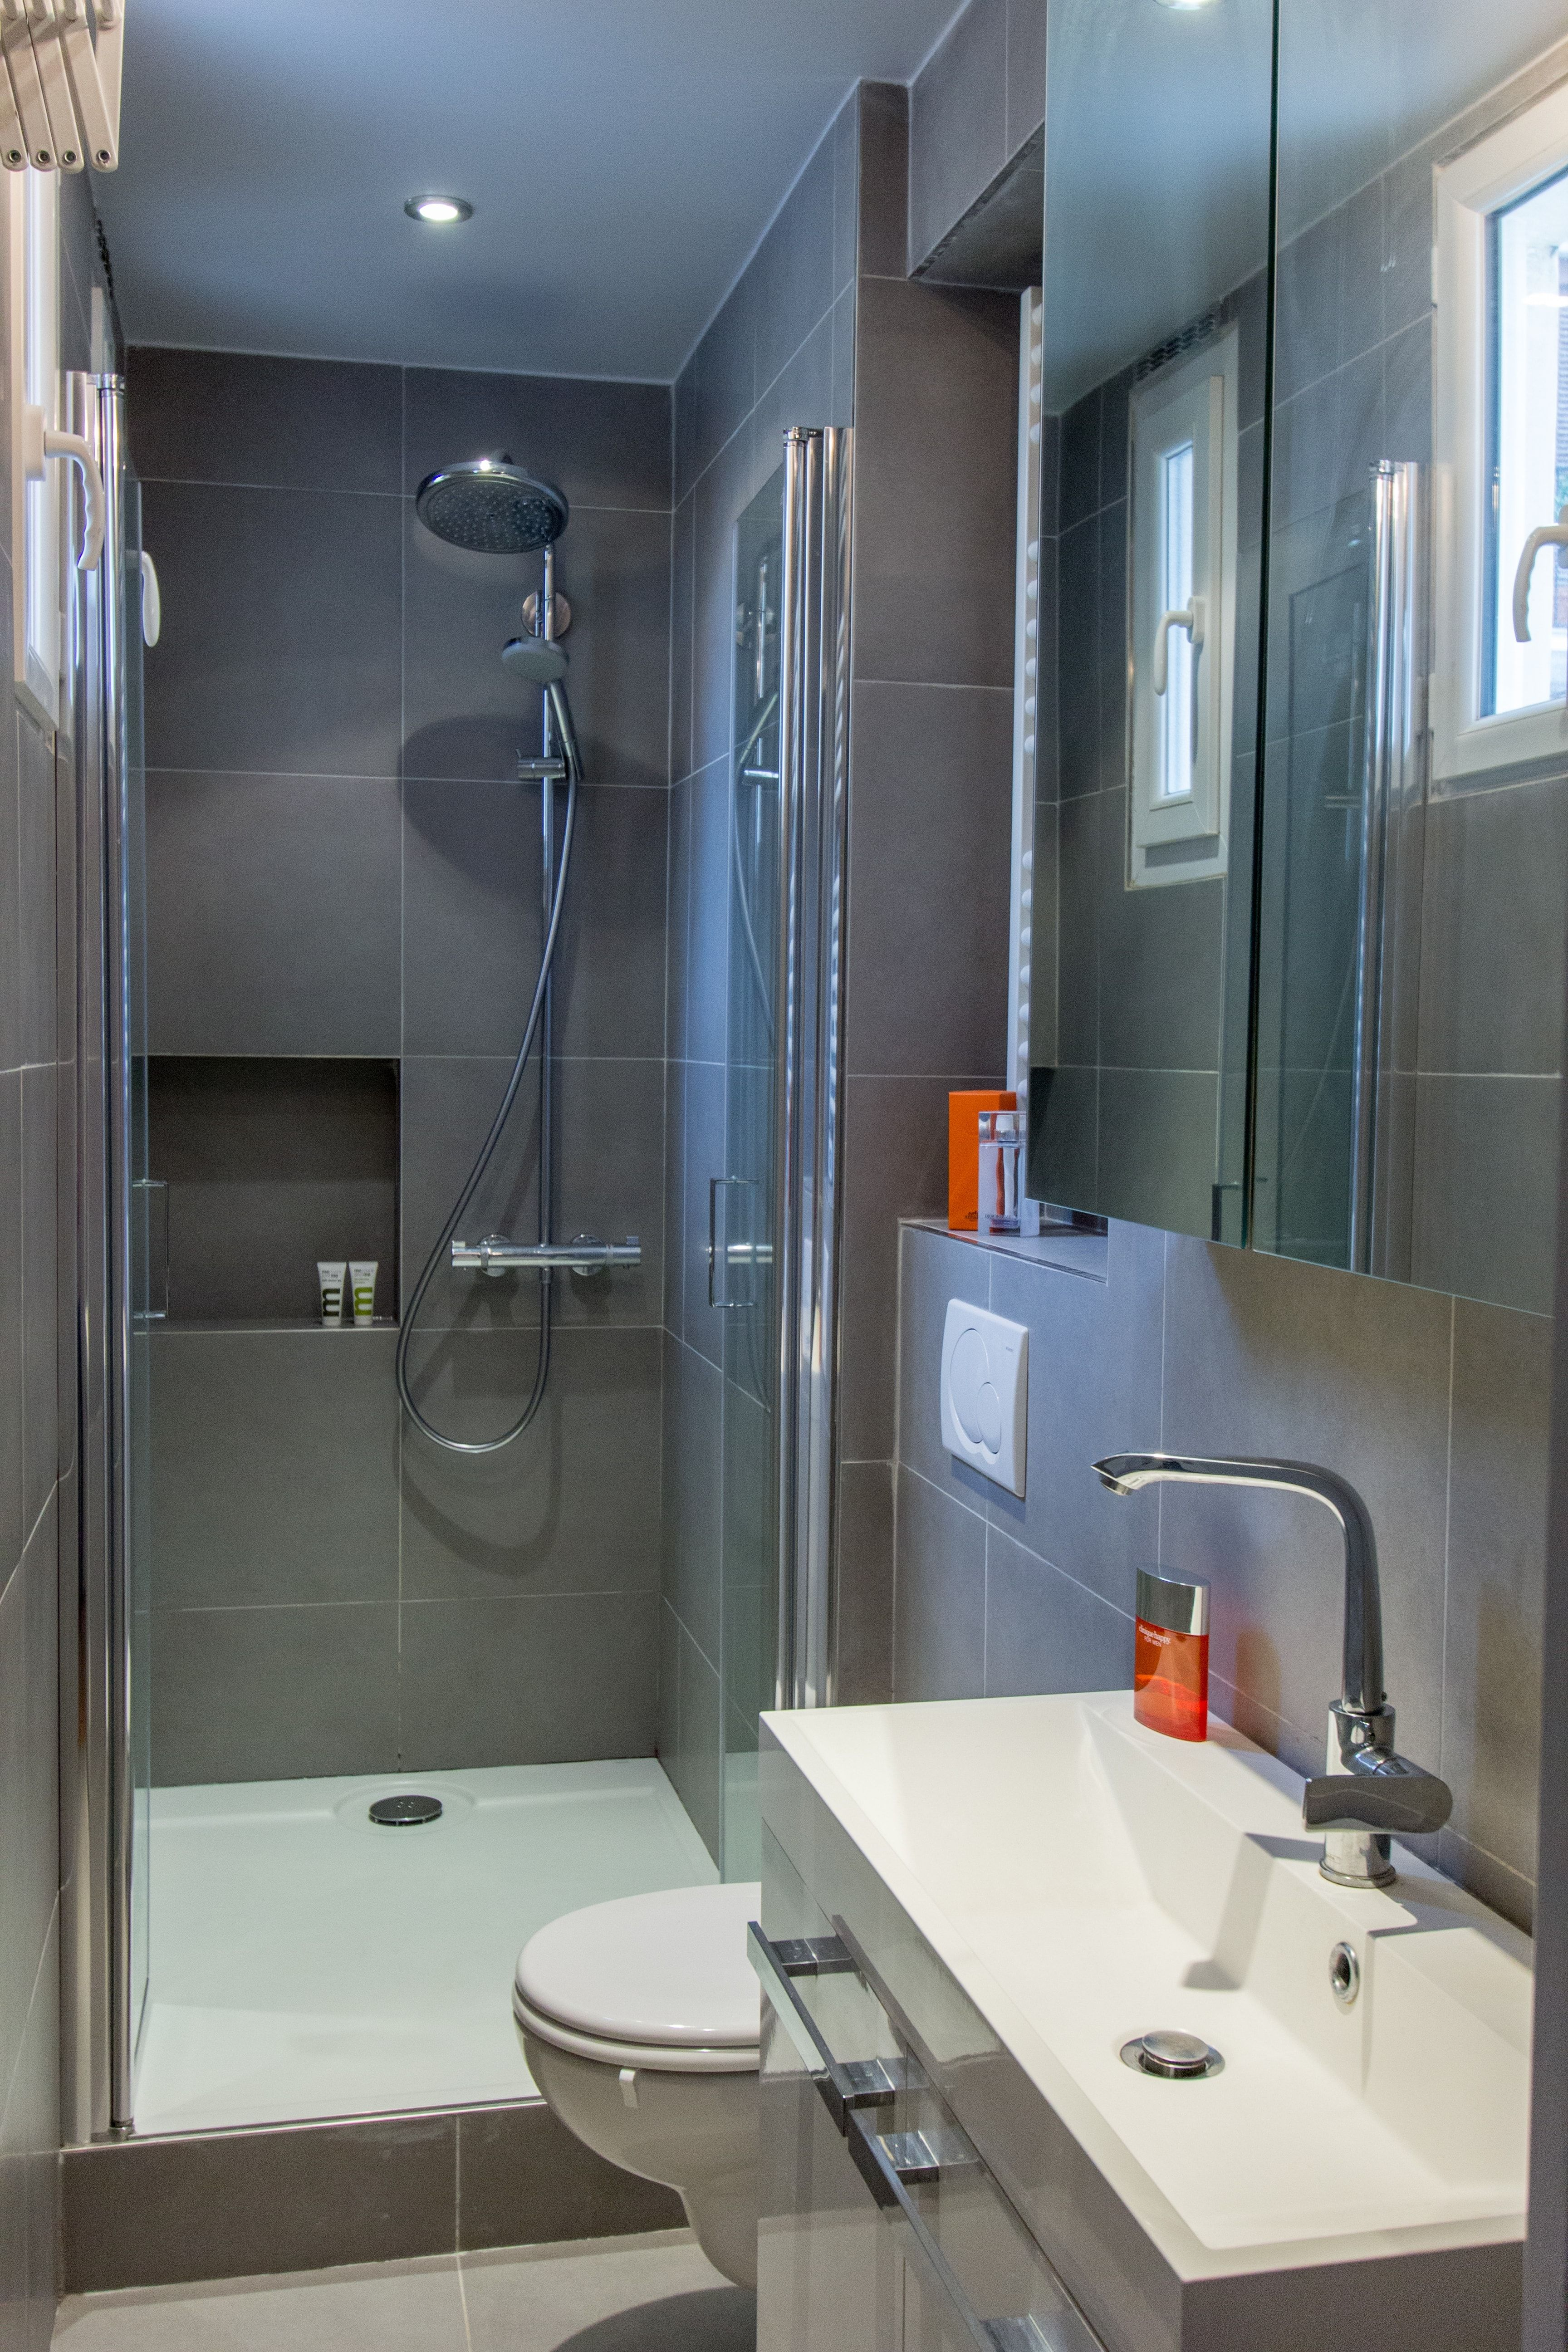 une petite salle d 39 eau bien pens e salle de bains petite mais pleine d 39 id es journal des. Black Bedroom Furniture Sets. Home Design Ideas